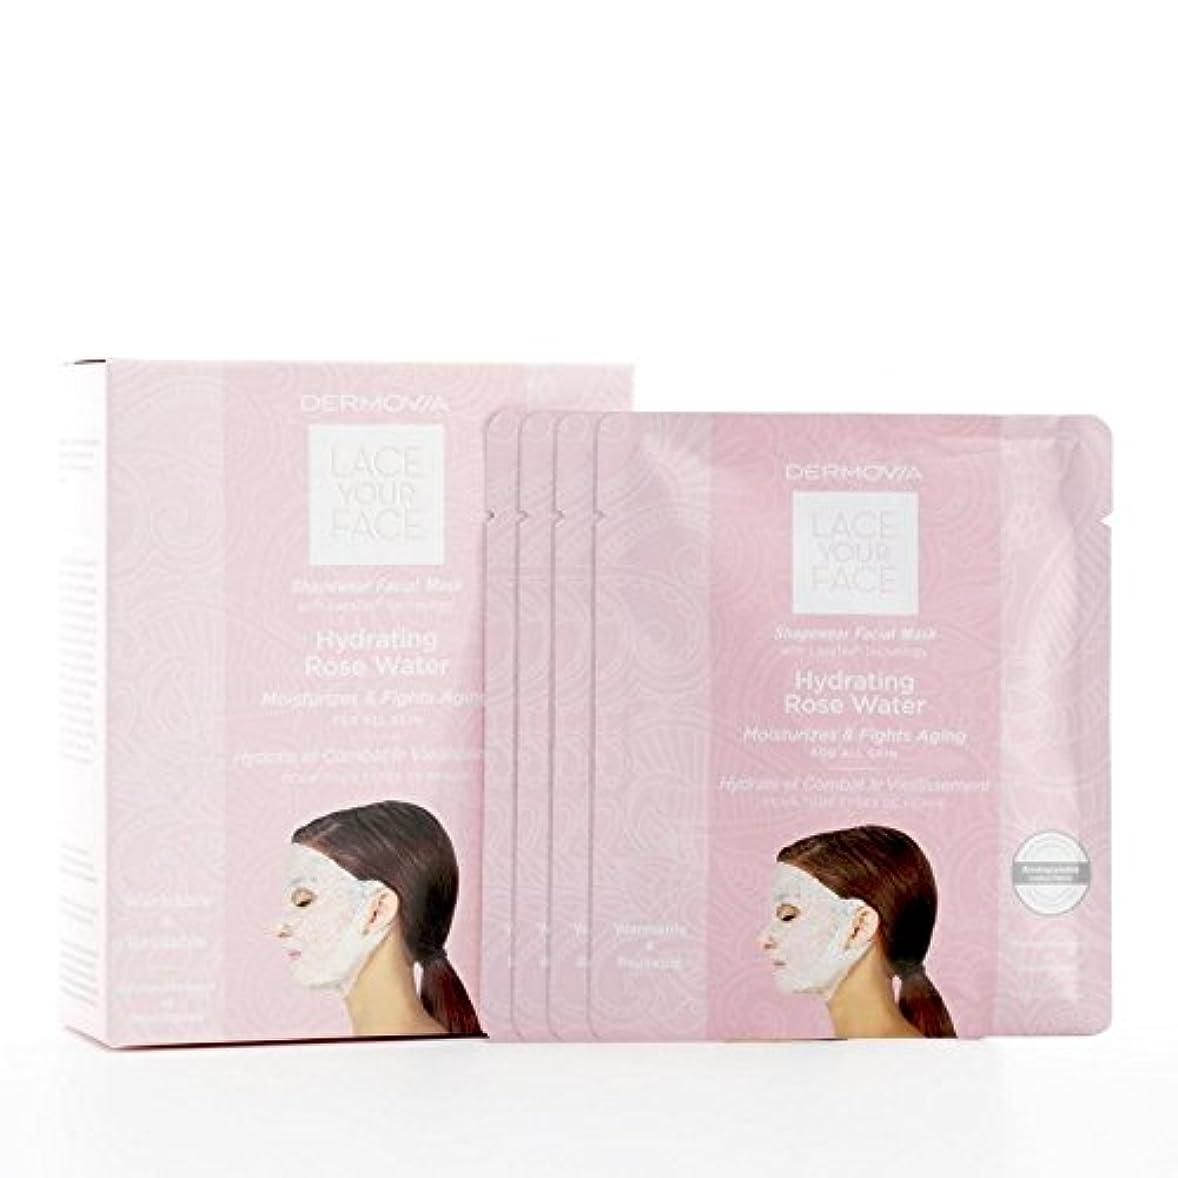 犯罪珍しい文芸Dermovia Lace Your Face Compression Facial Mask Hydrating Rose Water - は、あなたの顔の圧縮フェイシャルマスク水和が水をバラレース [並行輸入品]